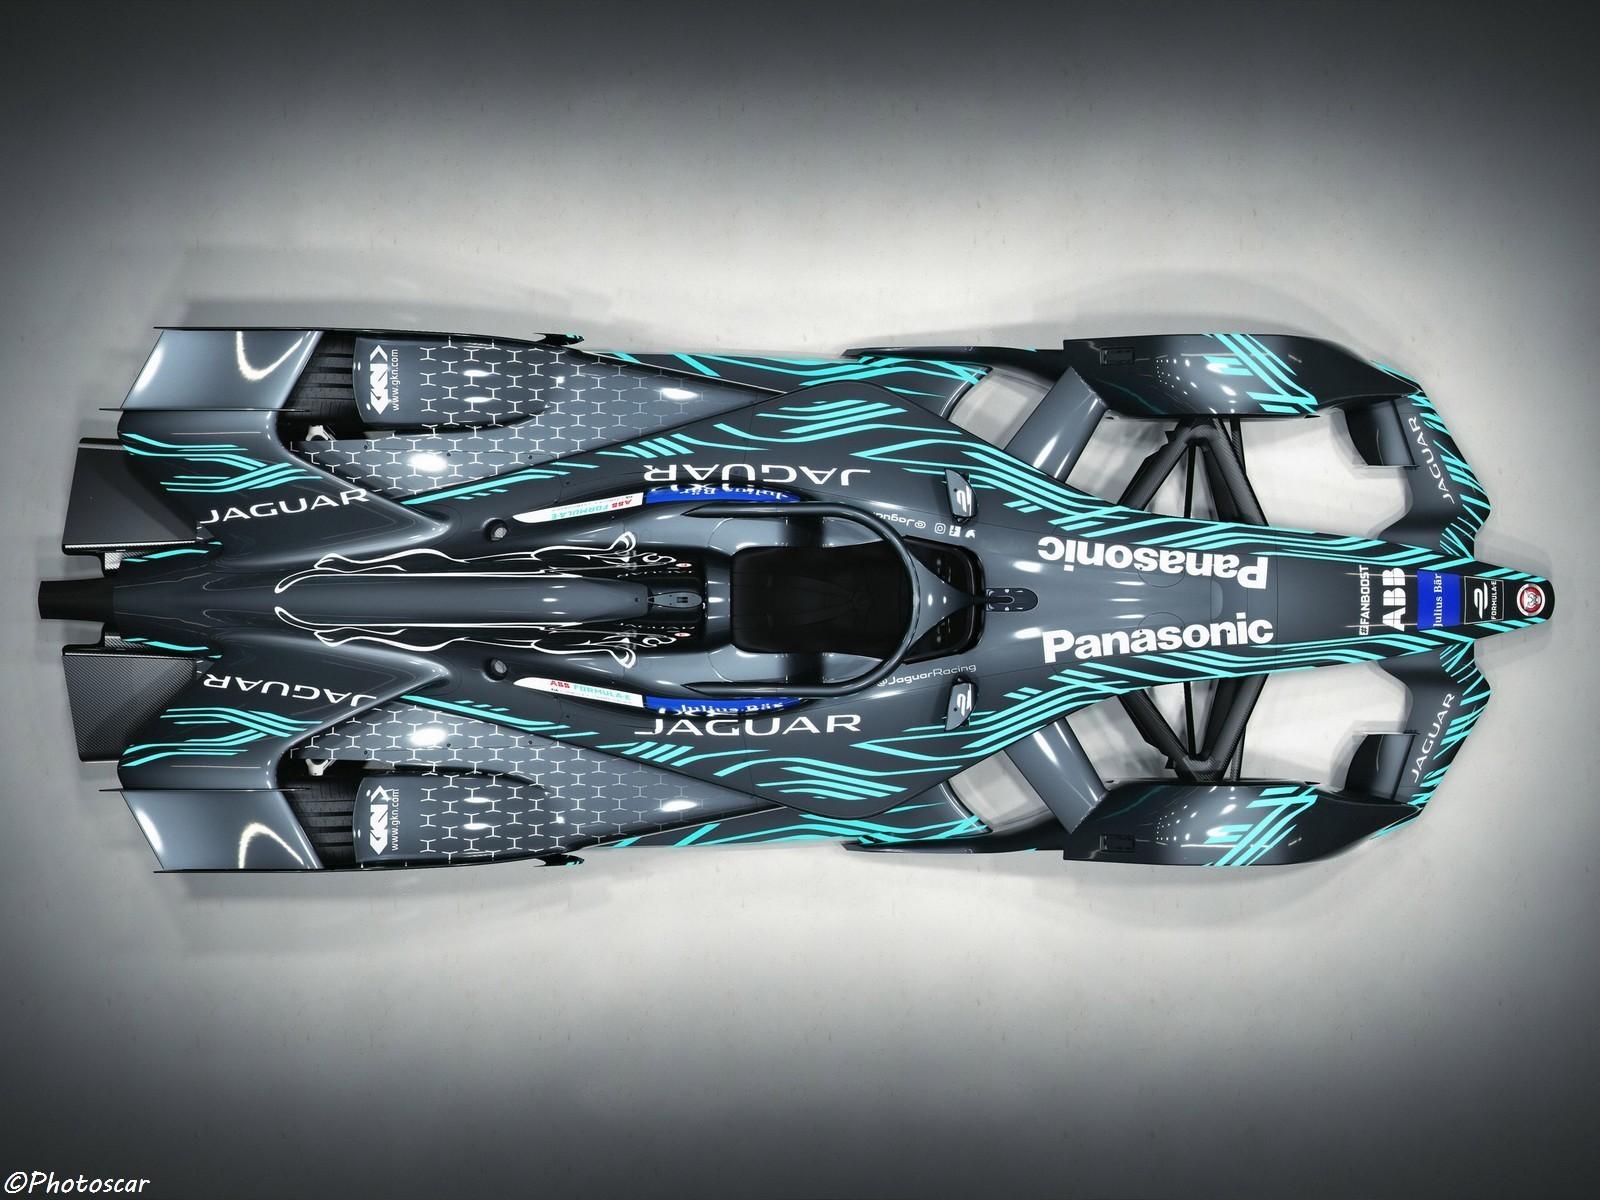 Jaguar Devoile L I Type 3 Pour La Saison 2018 19 De Formule E